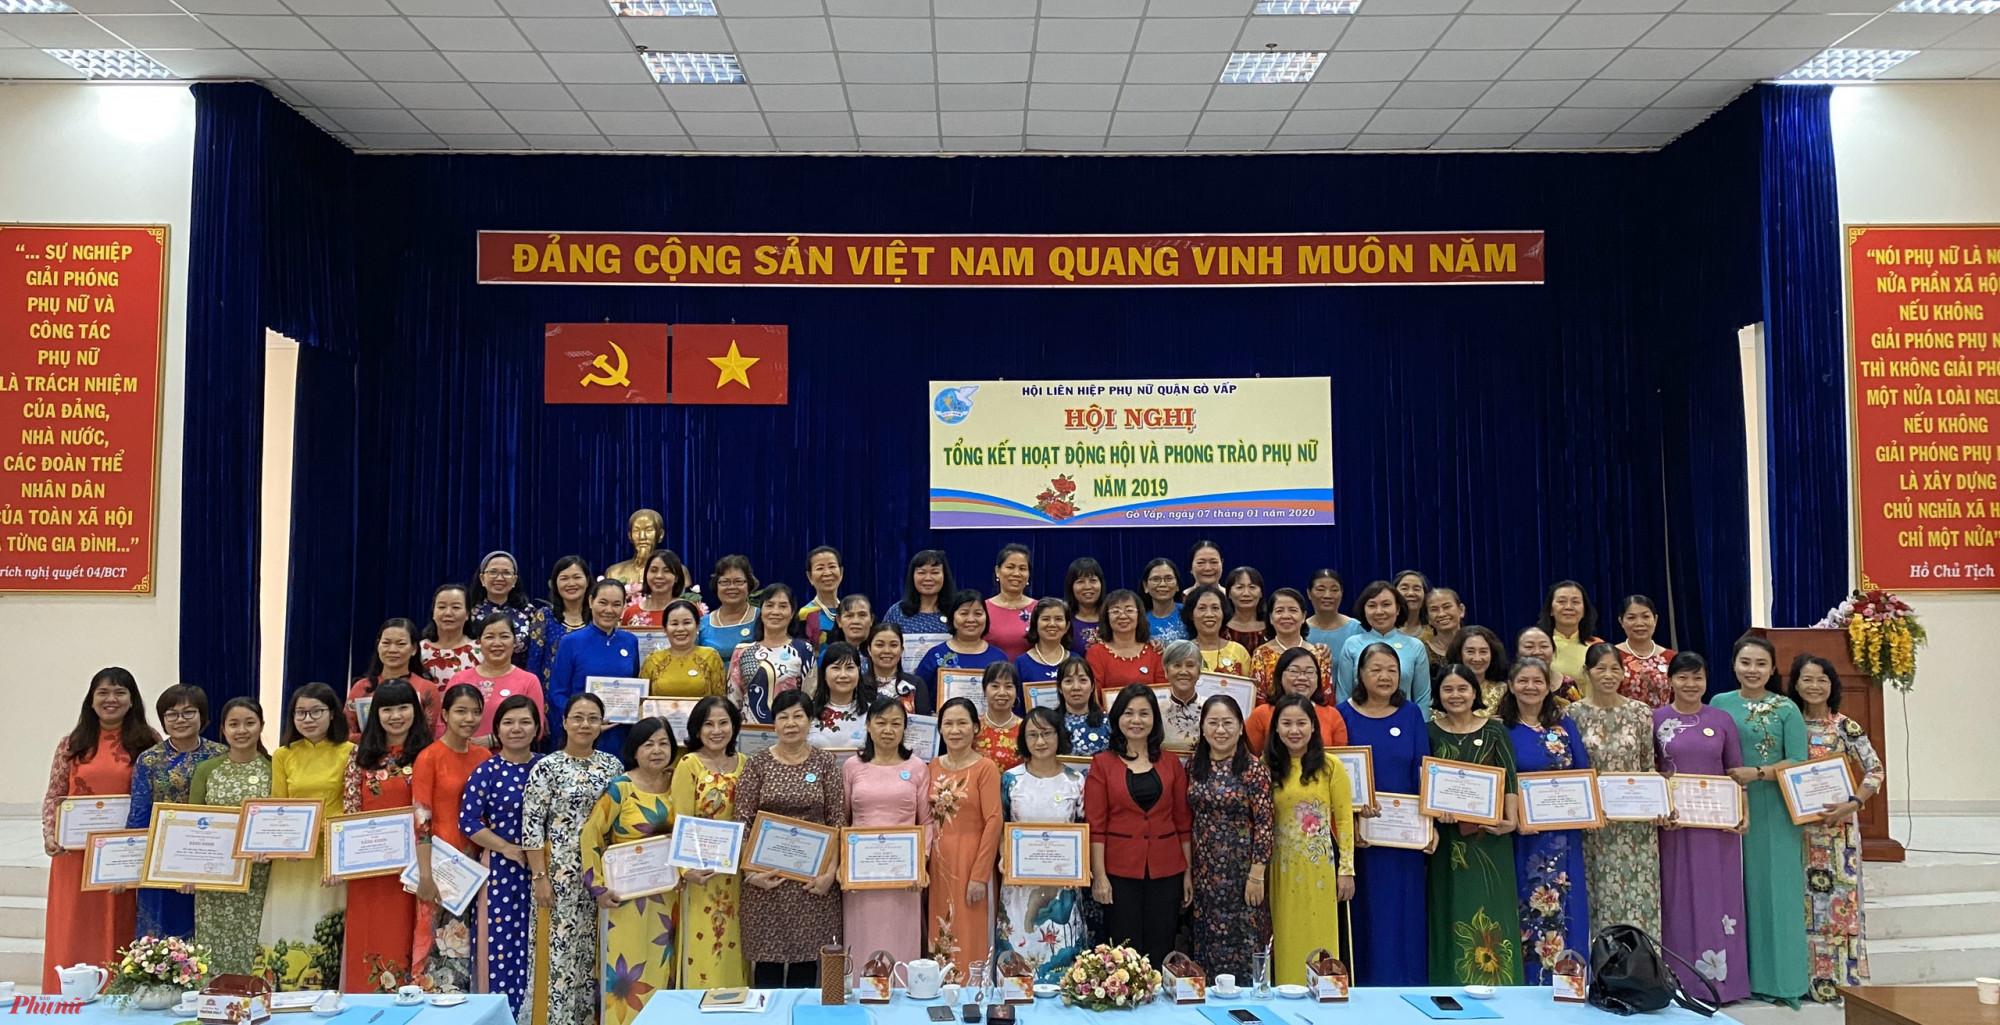 Hội LHPN quận Gò Vấp khen thưởng và biểu dương các cá nhân, tập thể hoàn thành xuất sắc nhiệm vụ năm 2019.